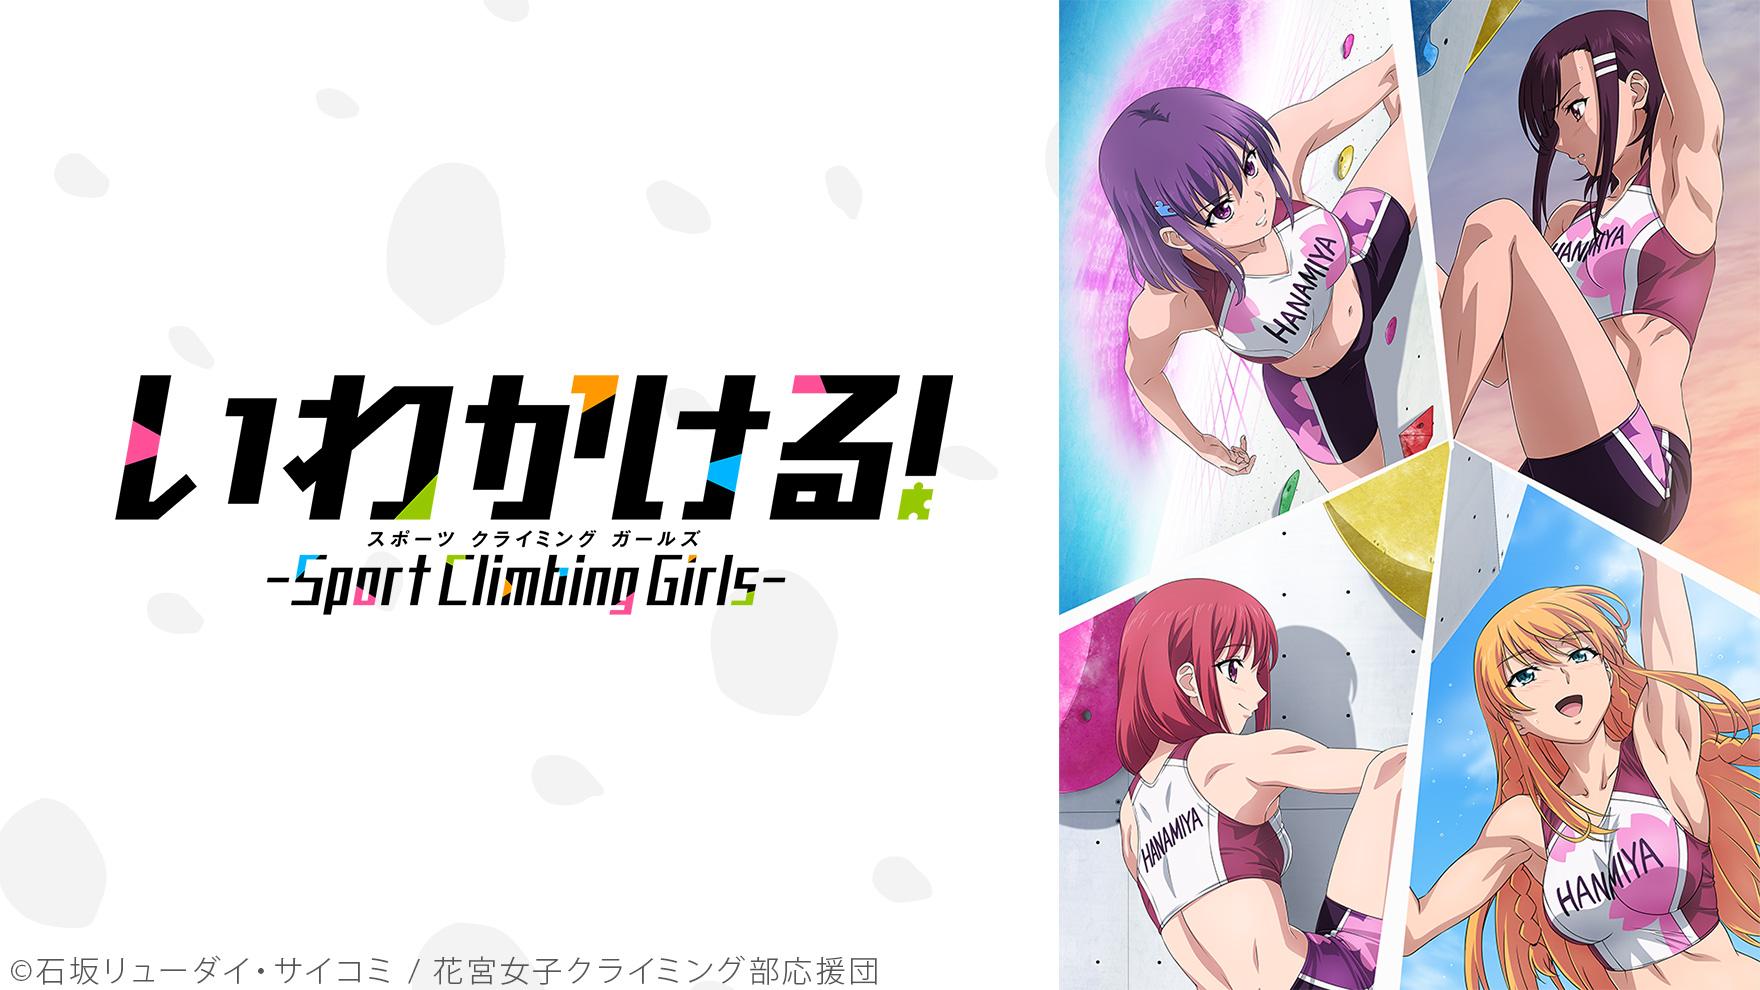 いわかける! -Sport Climbing Girls-のサムネイル